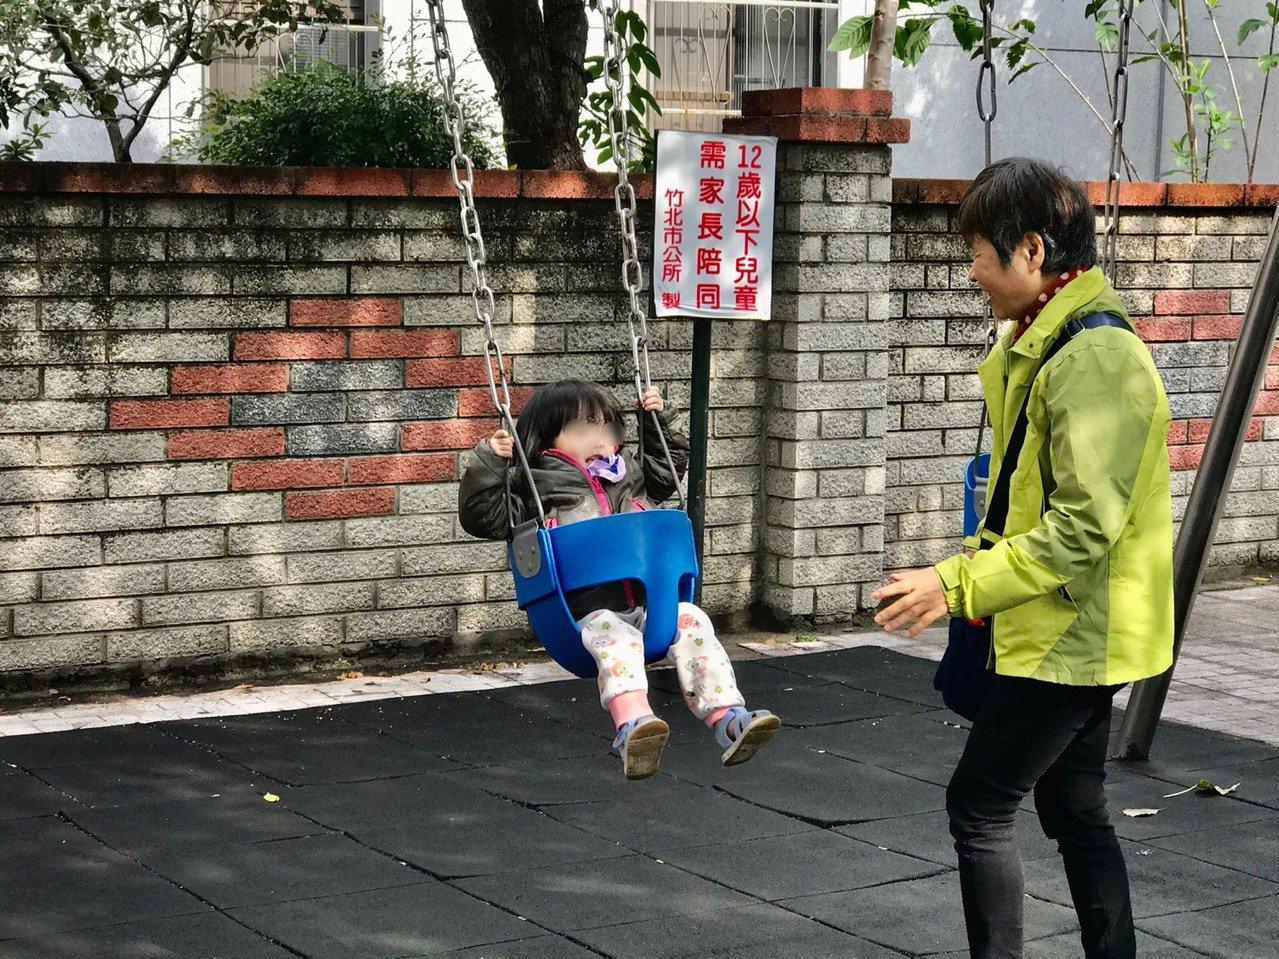 新竹縣竹北市豆子埔公園集合4種不同形式的鞦韆,尿布型鞦韆適合年幼孩子使用。記者郭...